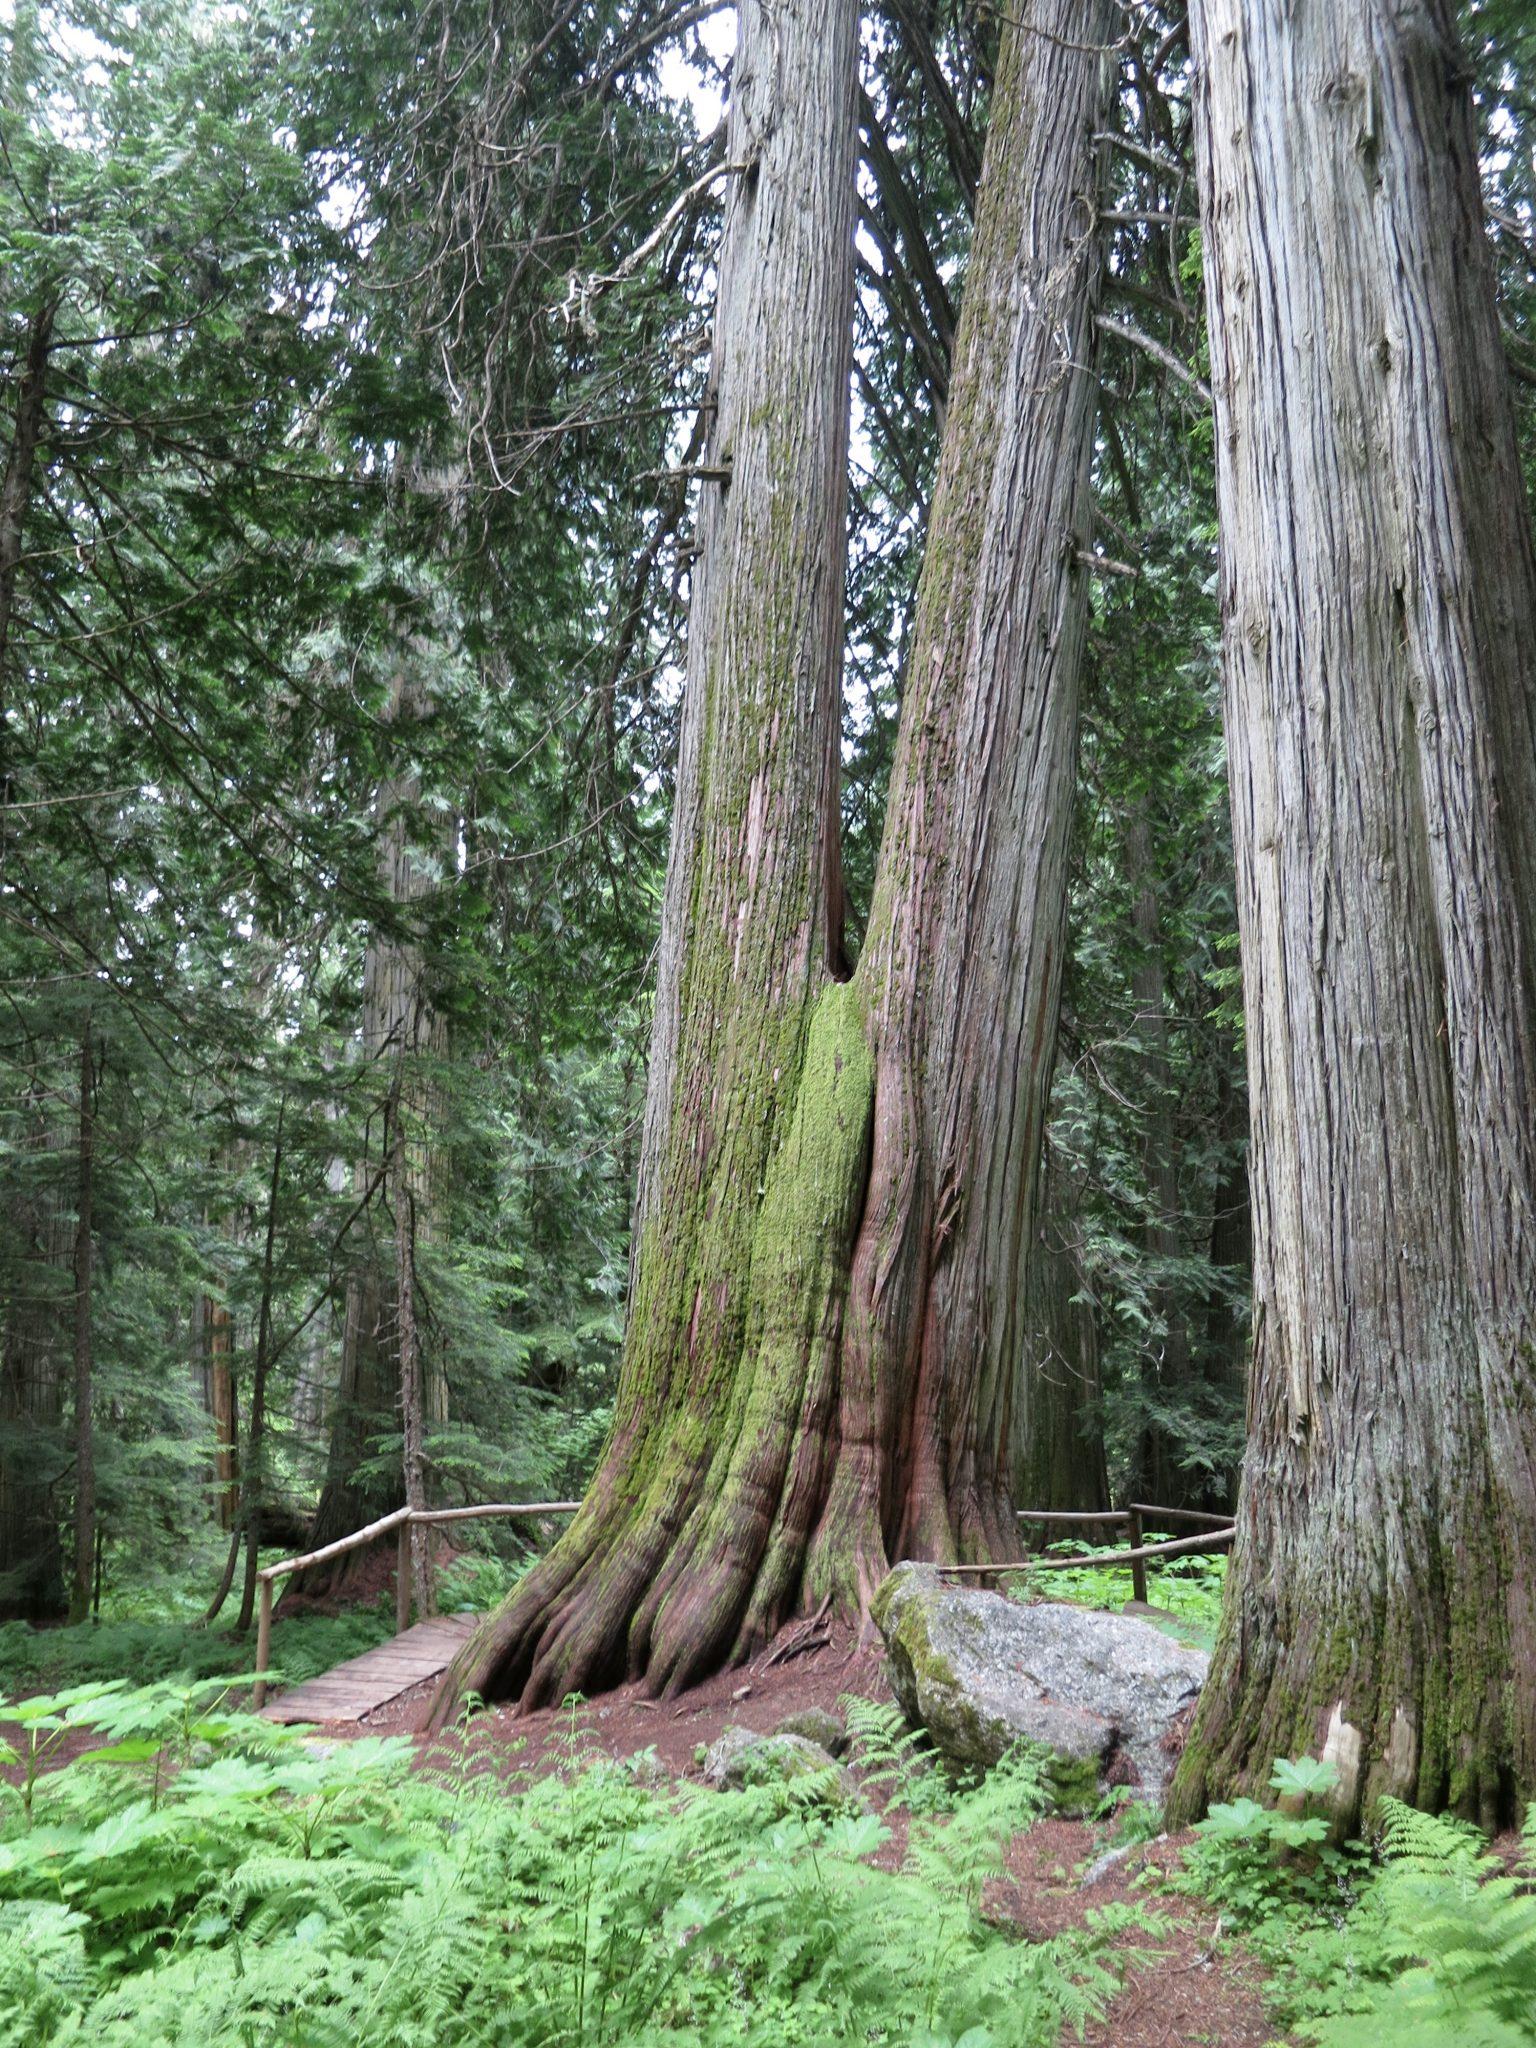 Kokanee Old Growth Cedars